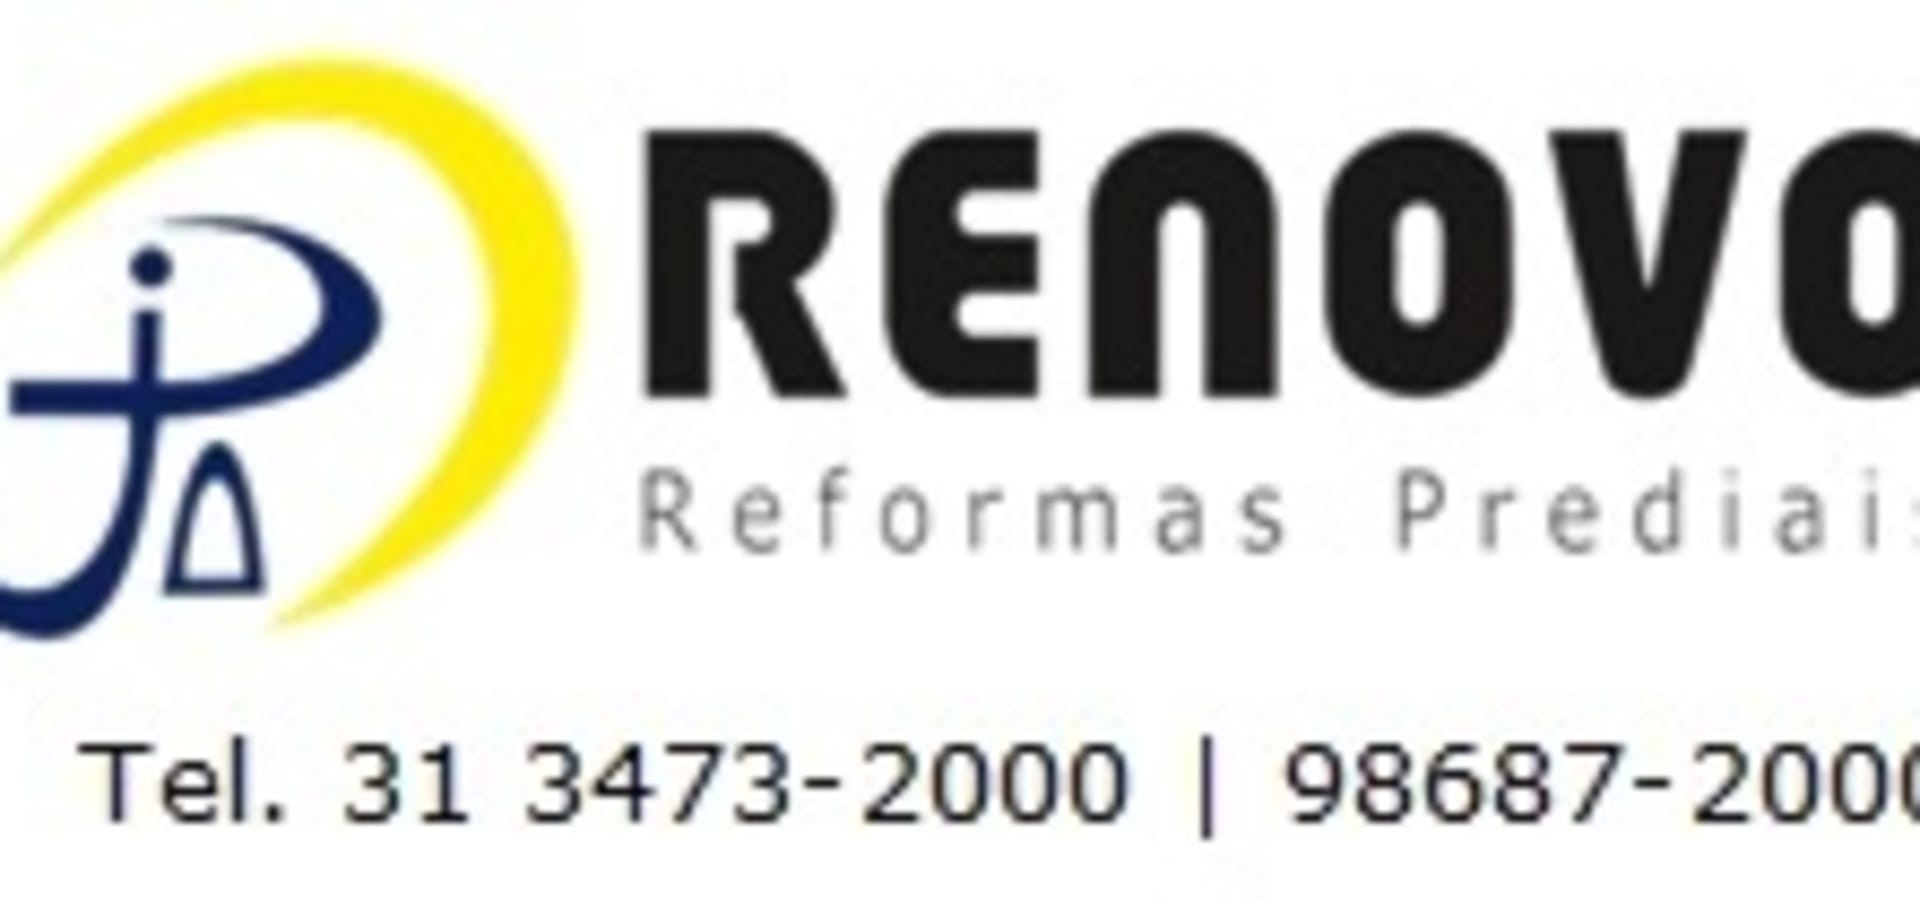 Renovo Reformas Retrofit Fachada 3473-2000 em Belo Horizonte